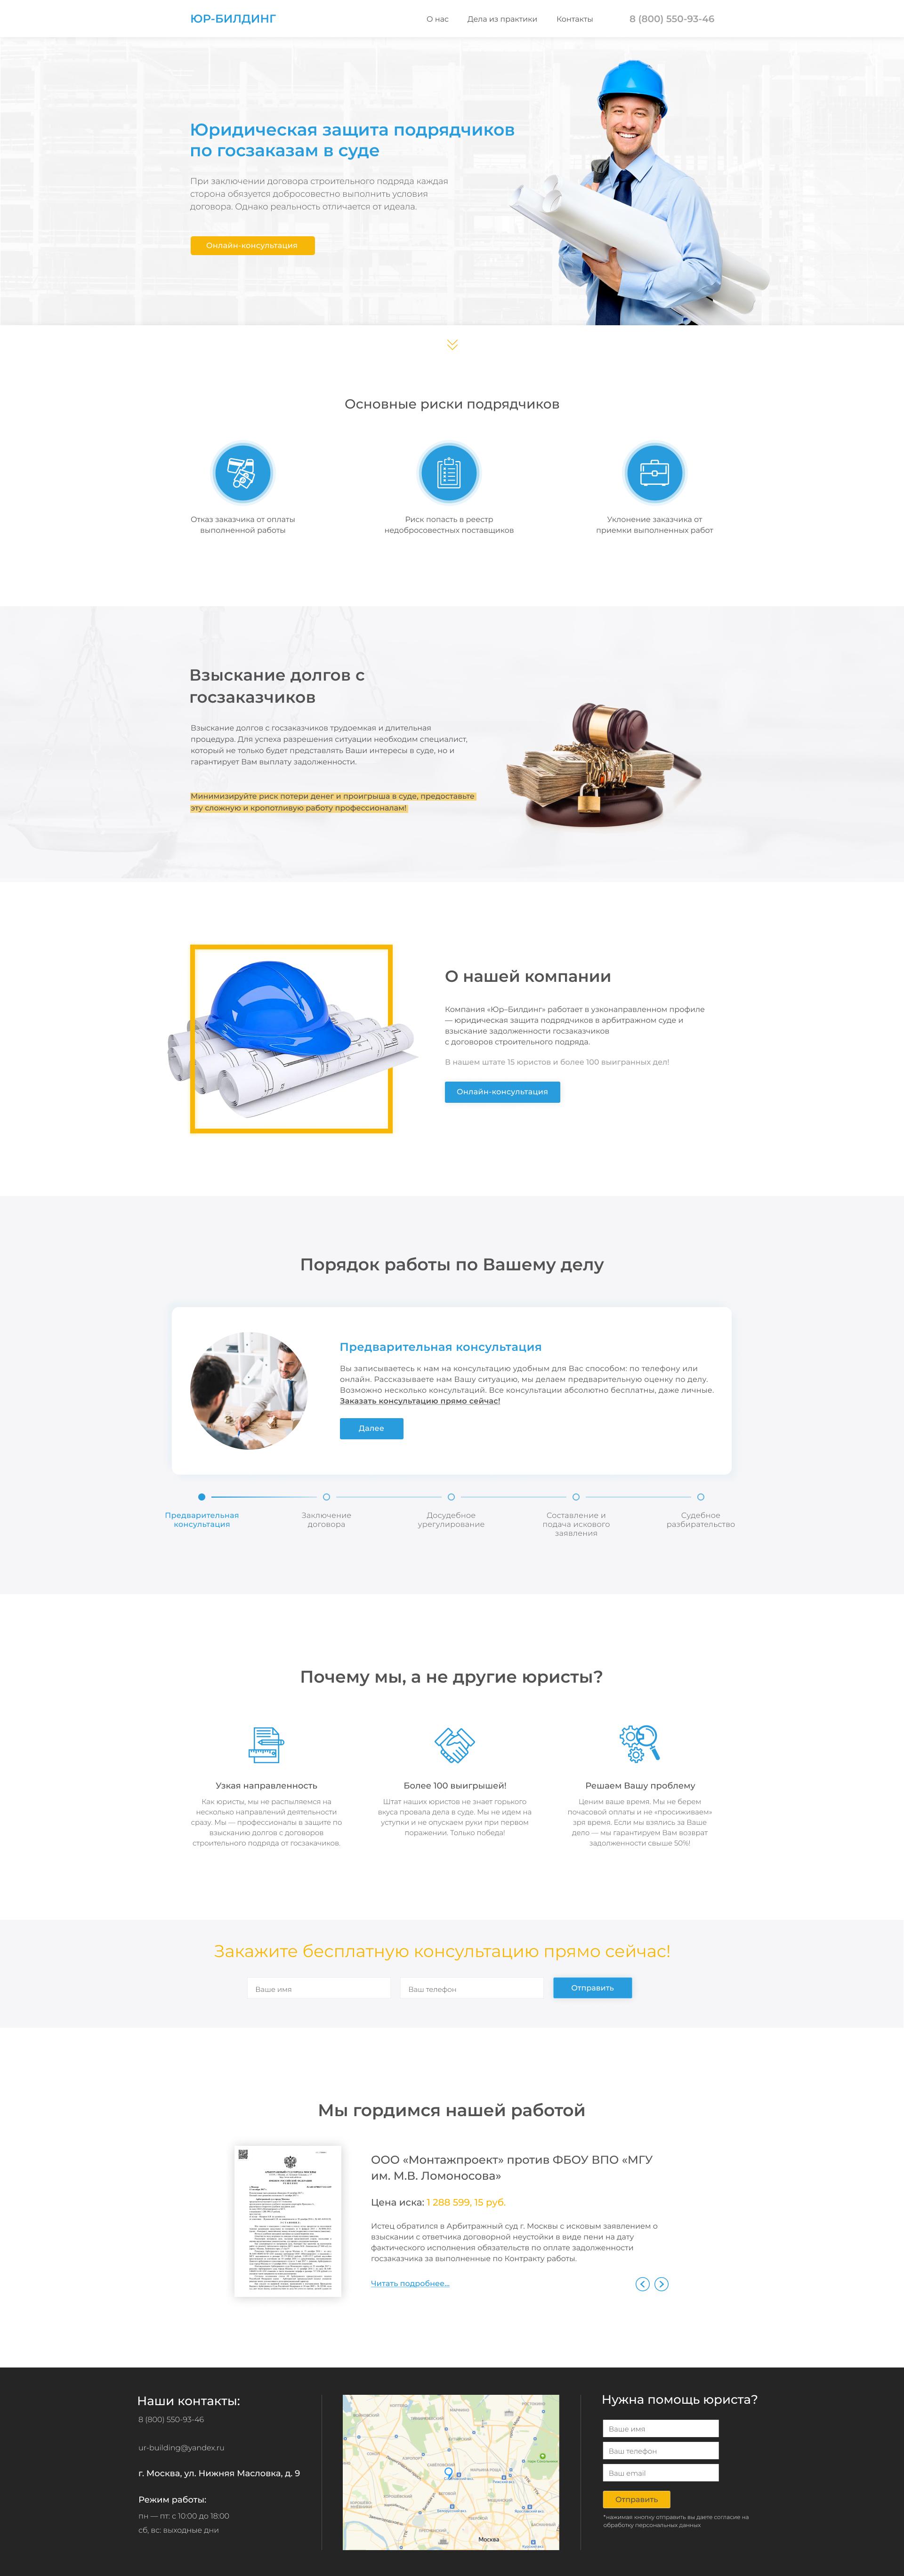 Обновить сайт, разработать новый дизайн сайта, адаптировать  фото f_3965e455e54155bb.png